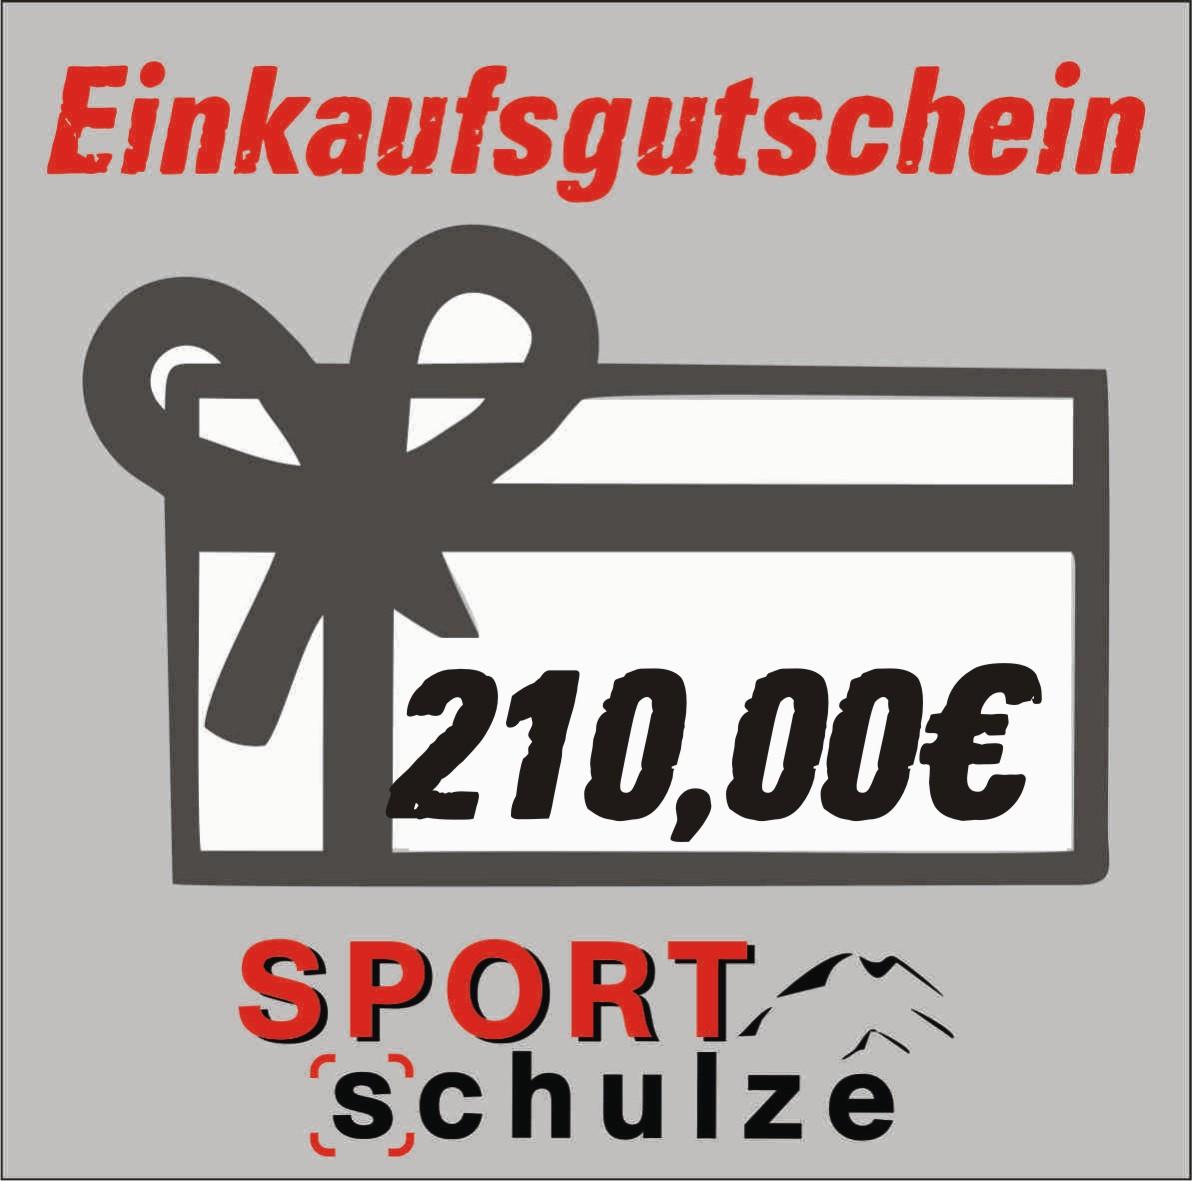 210€ Einkaufsgutschein